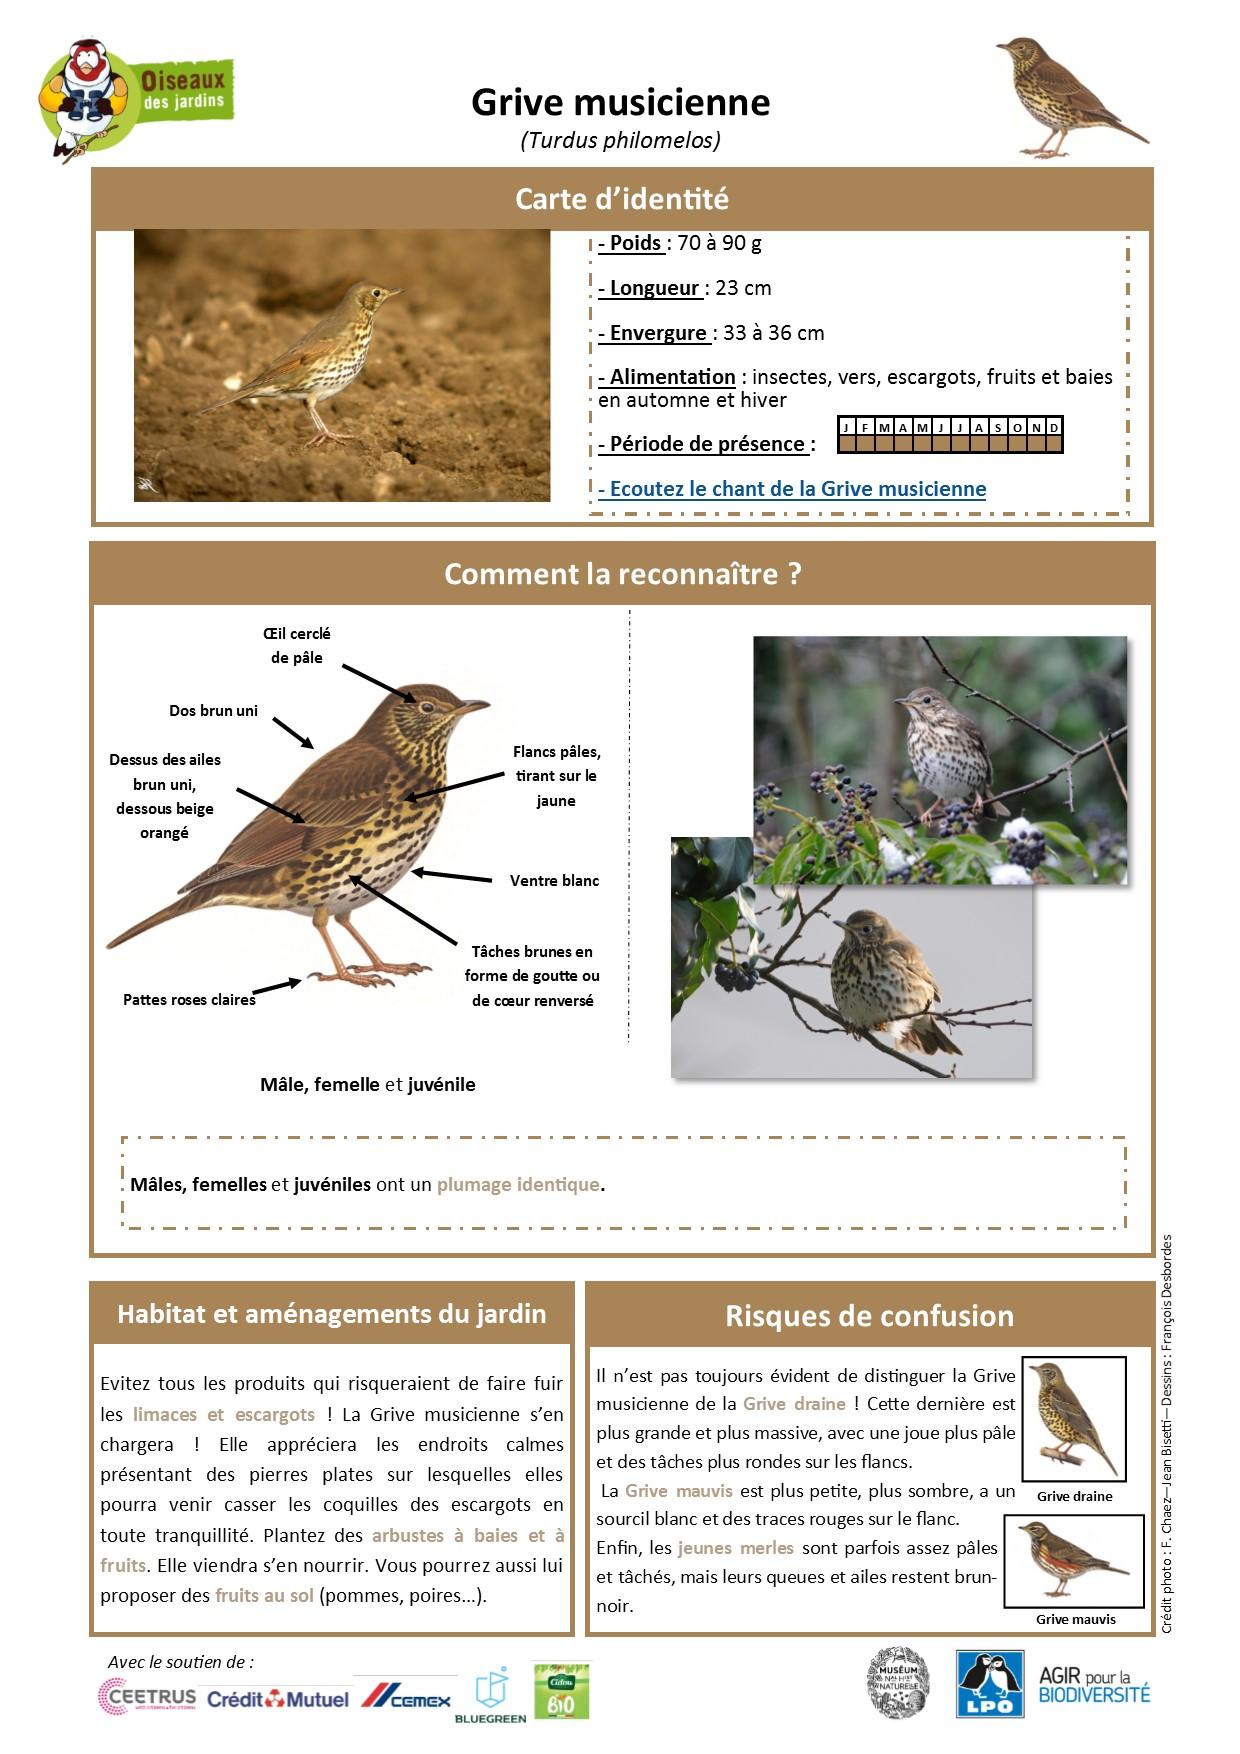 https://cdnfiles1.biolovision.net/www.oiseauxdesjardins.fr/userfiles/Fichesespces/FicheespceGMcpsv2.pdf